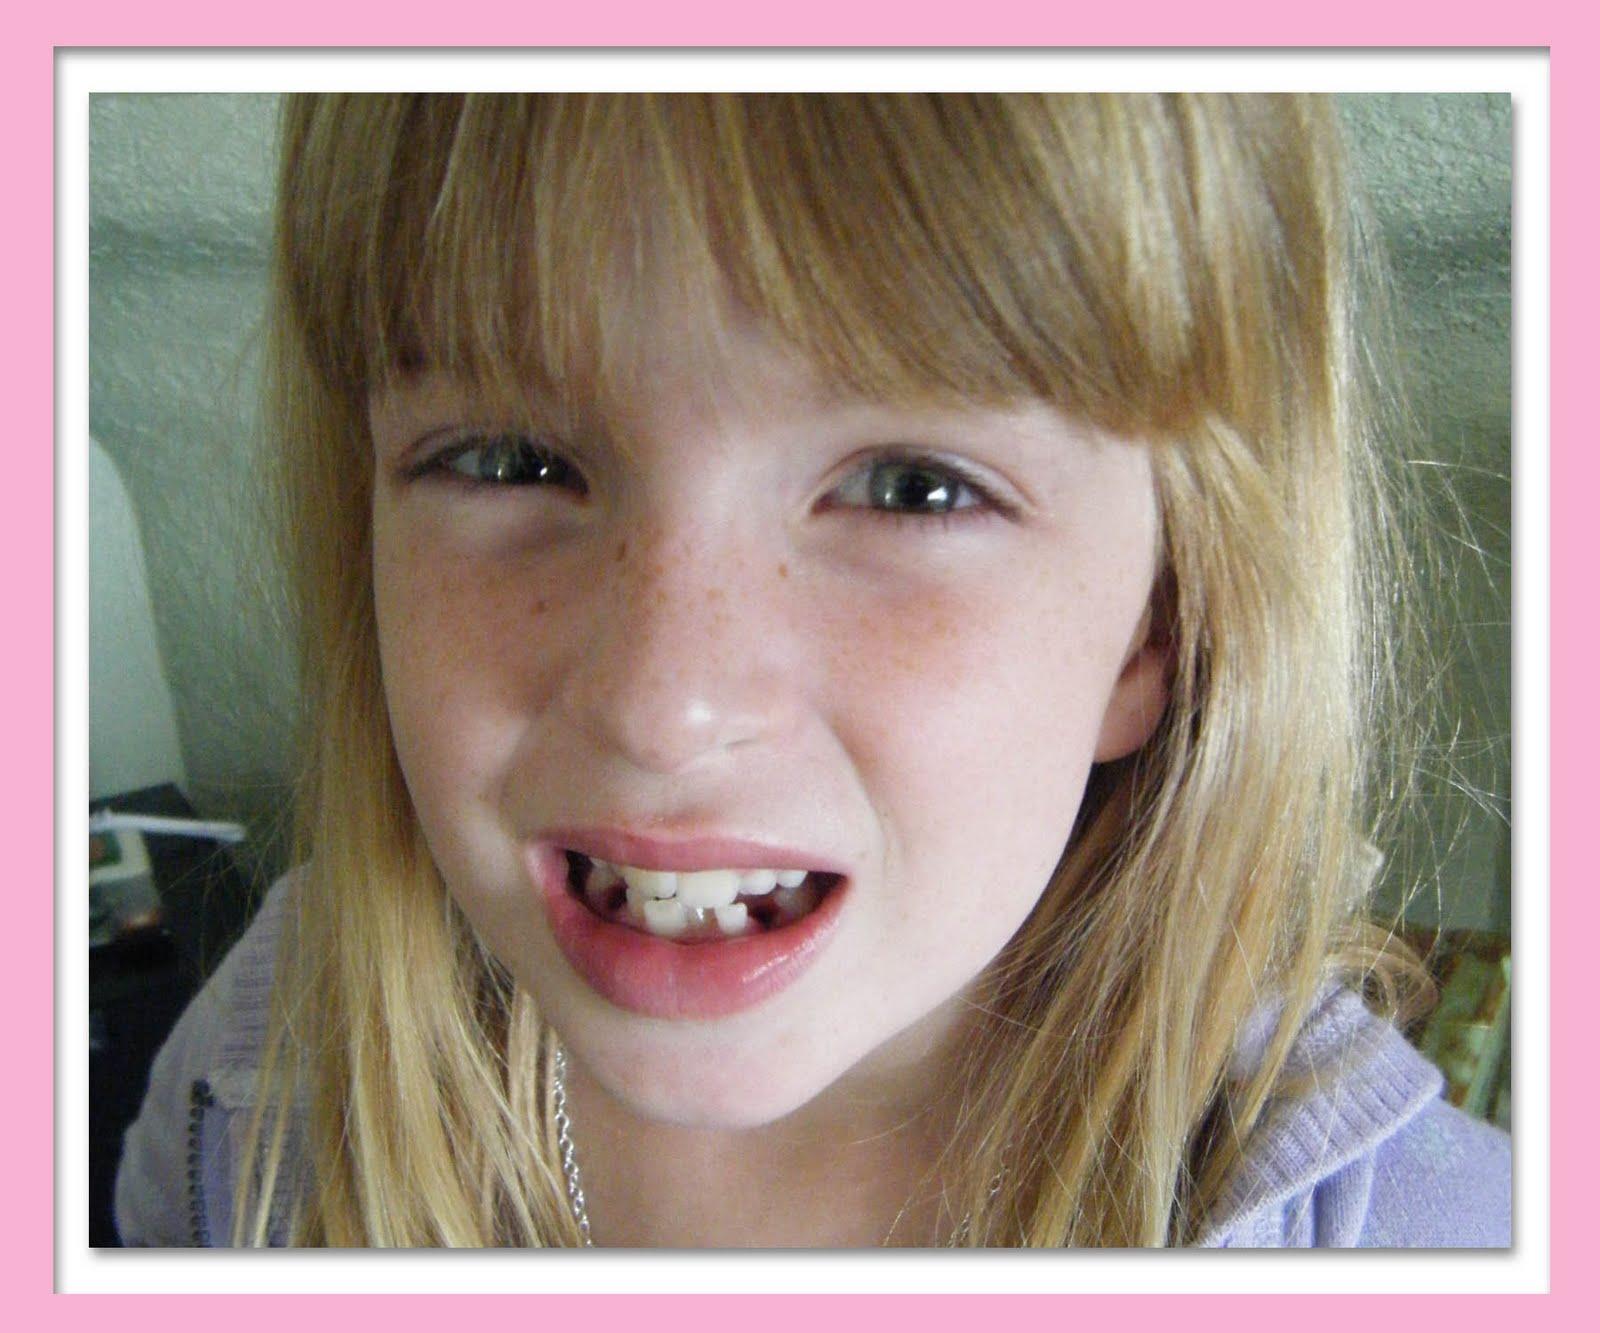 http://4.bp.blogspot.com/_45EgrFdK-ps/S_LSKekCrwI/AAAAAAAAALY/pAn0dryVXLo/s1600/Mags+after+teeth2.jpg